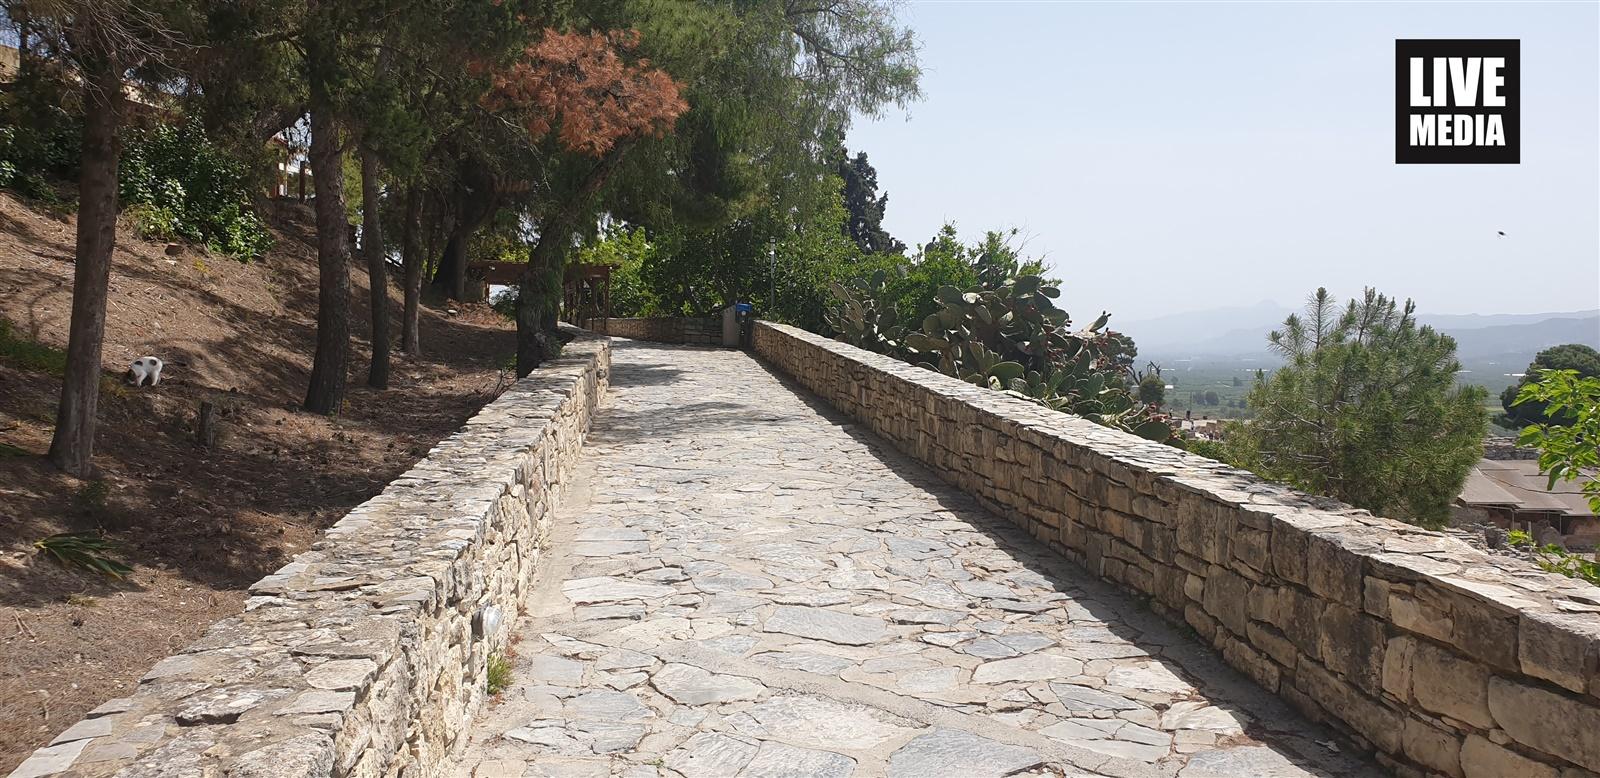 Ο πλακόστρωτος δρόμος που οδηγεί στον αρχαιολογικό χώρο